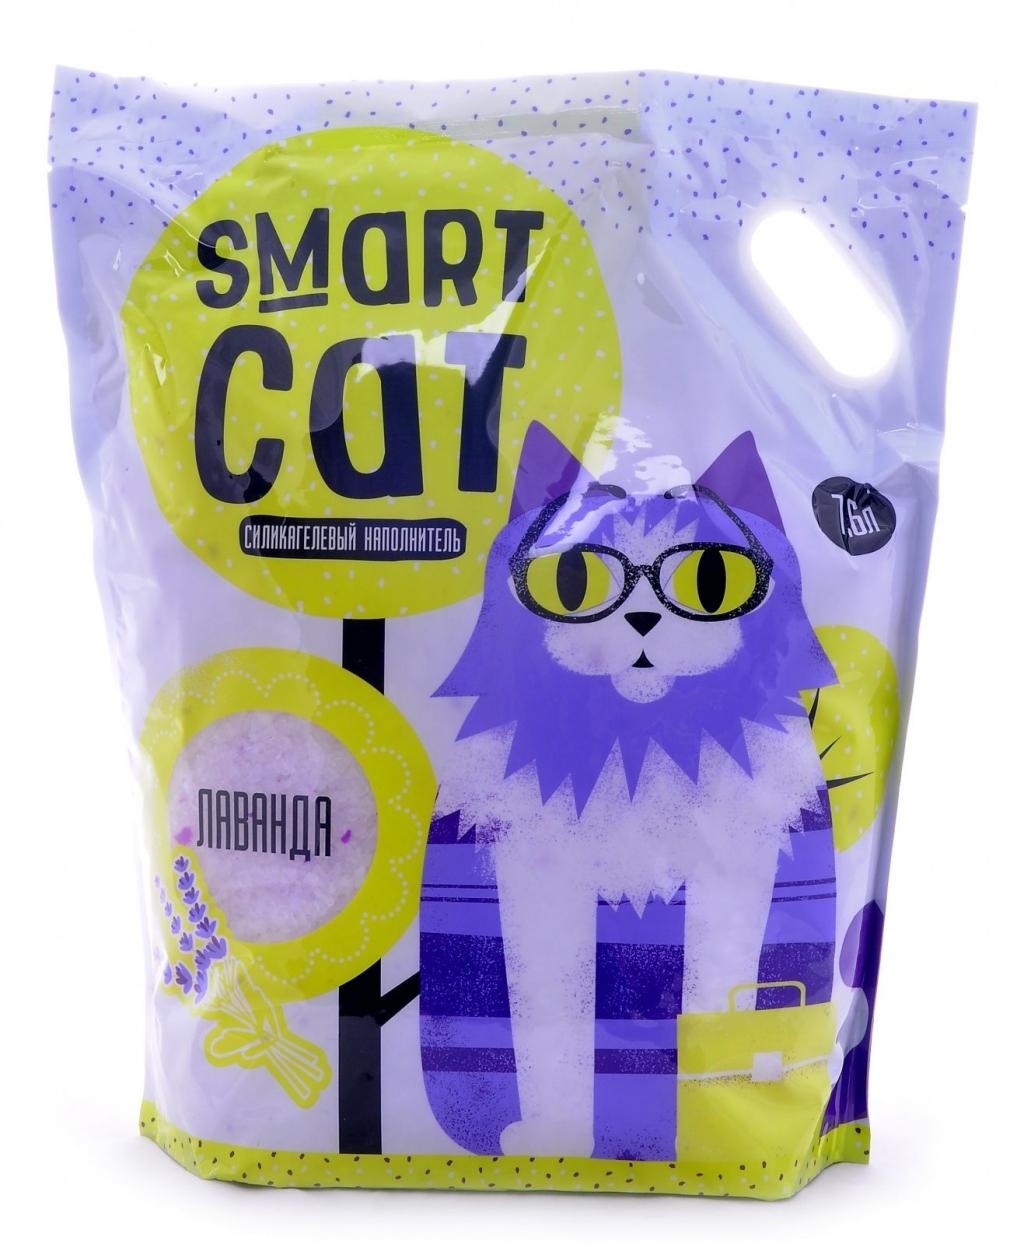 Смарт Кэт Наполнитель силикагелевый с ароматом лаванды, в ассортименте, Smart Cat